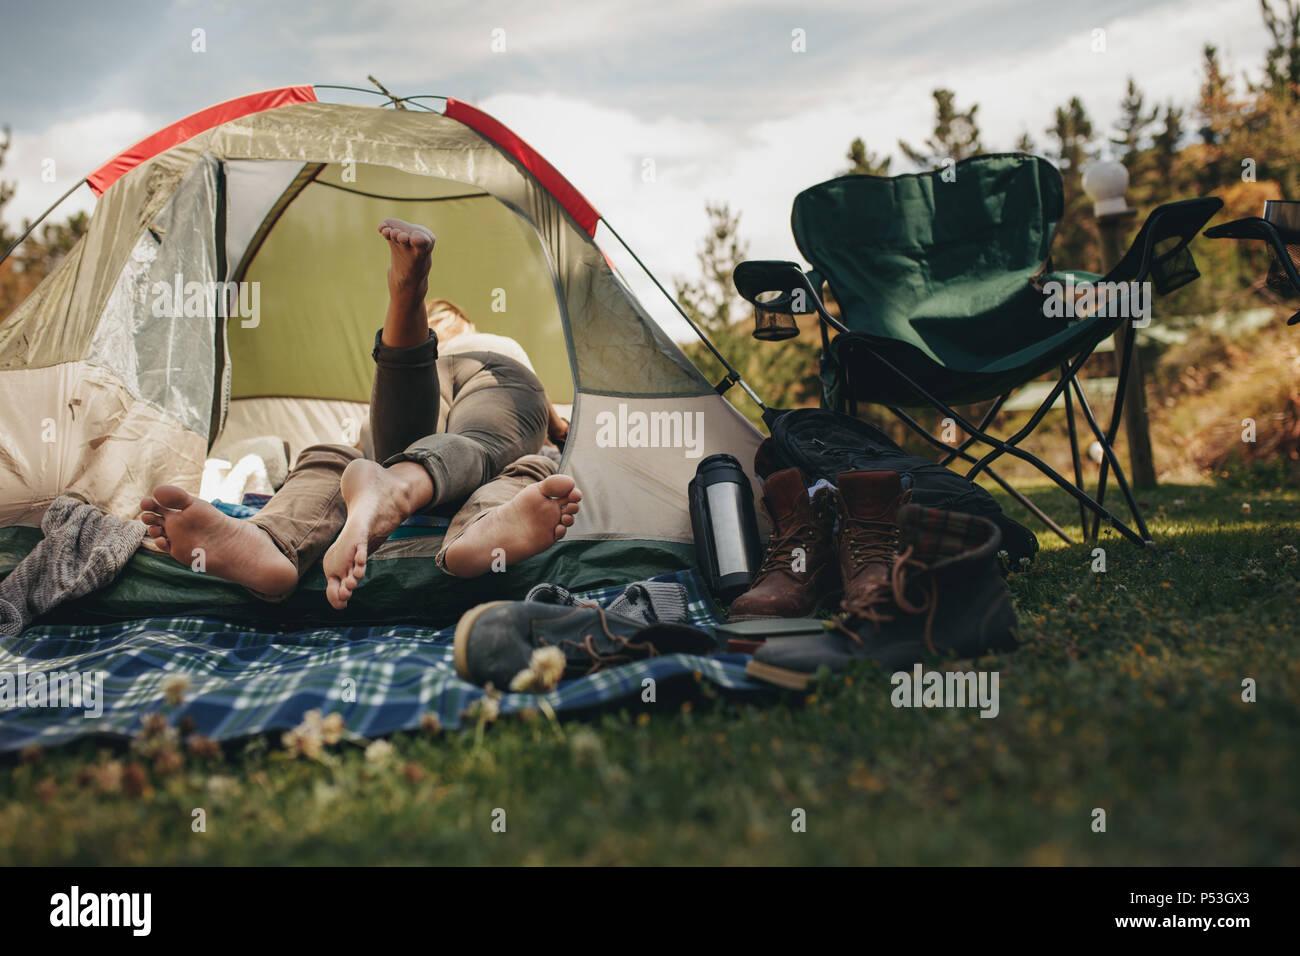 Romántica pareja joven acostado en el interior de una tienda de campaña en el camping. El hombre y la mujer en el amor en una tienda de campaña. Imagen De Stock